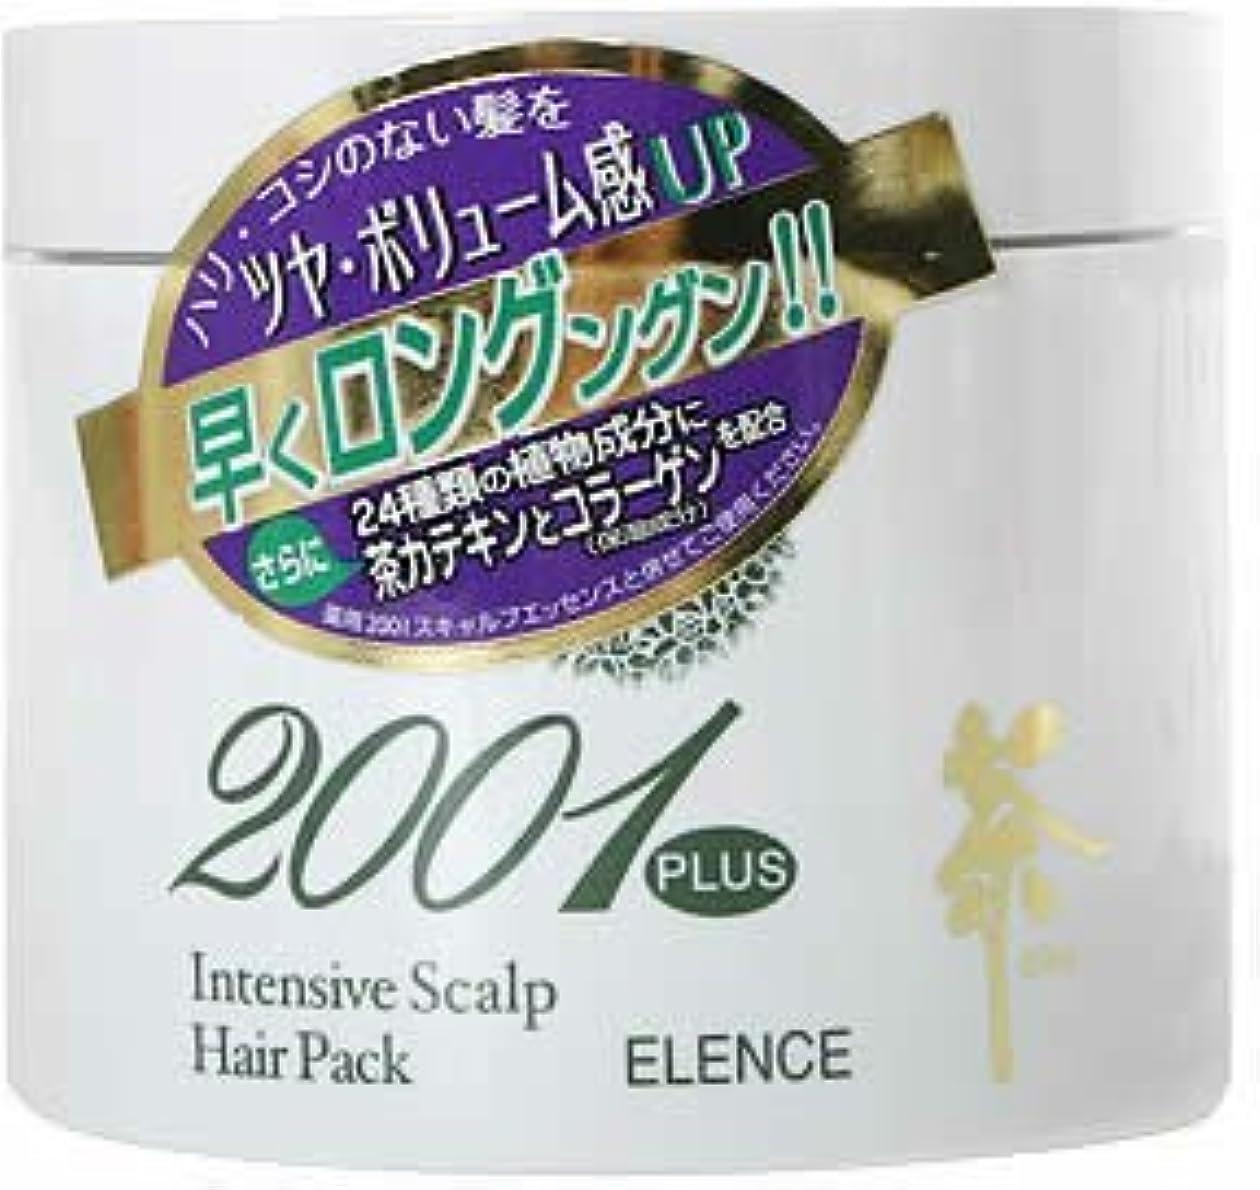 抑止するプランター文明エレンス2001プラス インテンシブスキャルプヘアパック